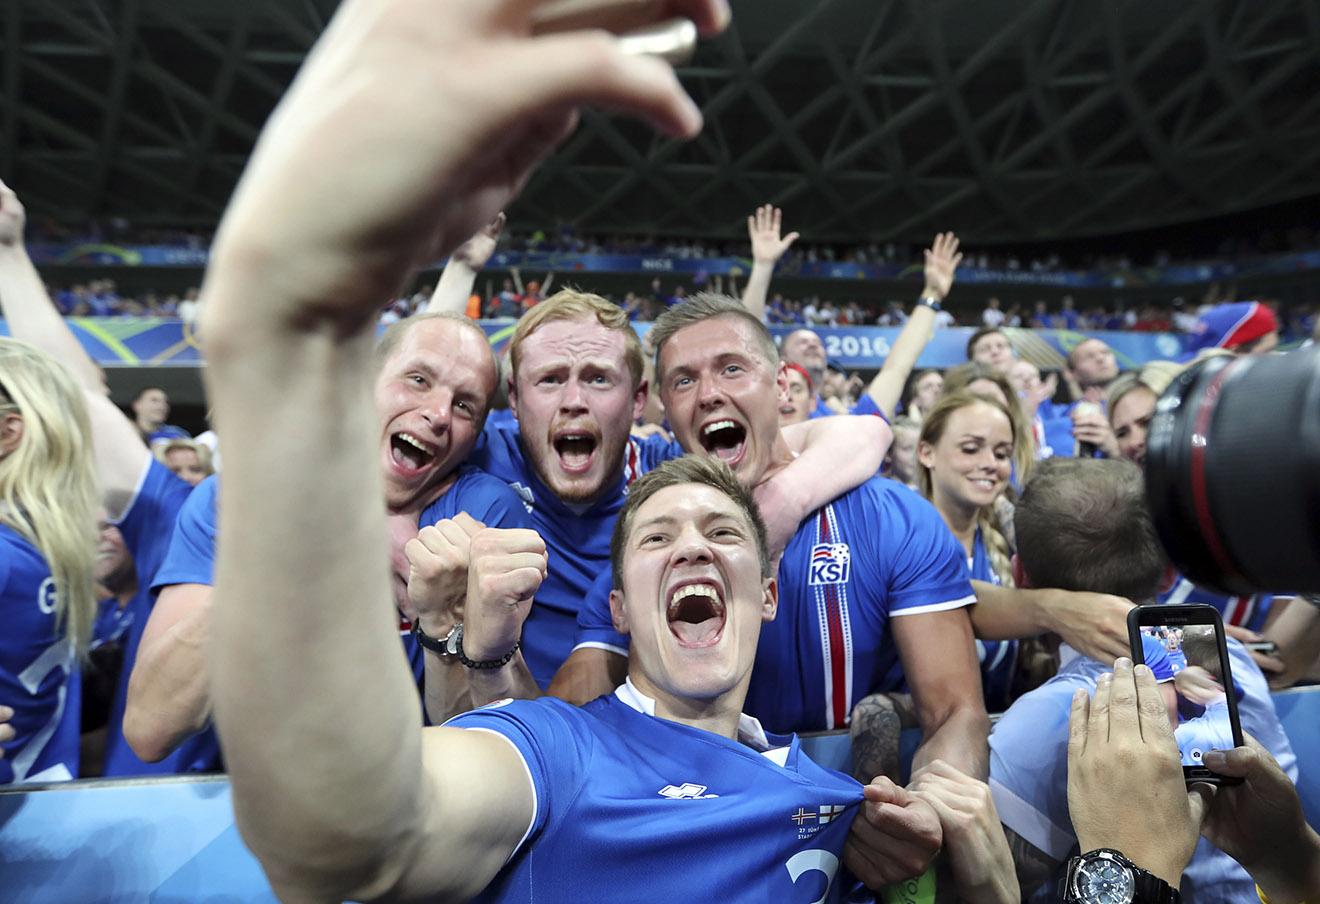 Игроки сборной Исландии после победы над командой Англии, 27 июня 2016 года.